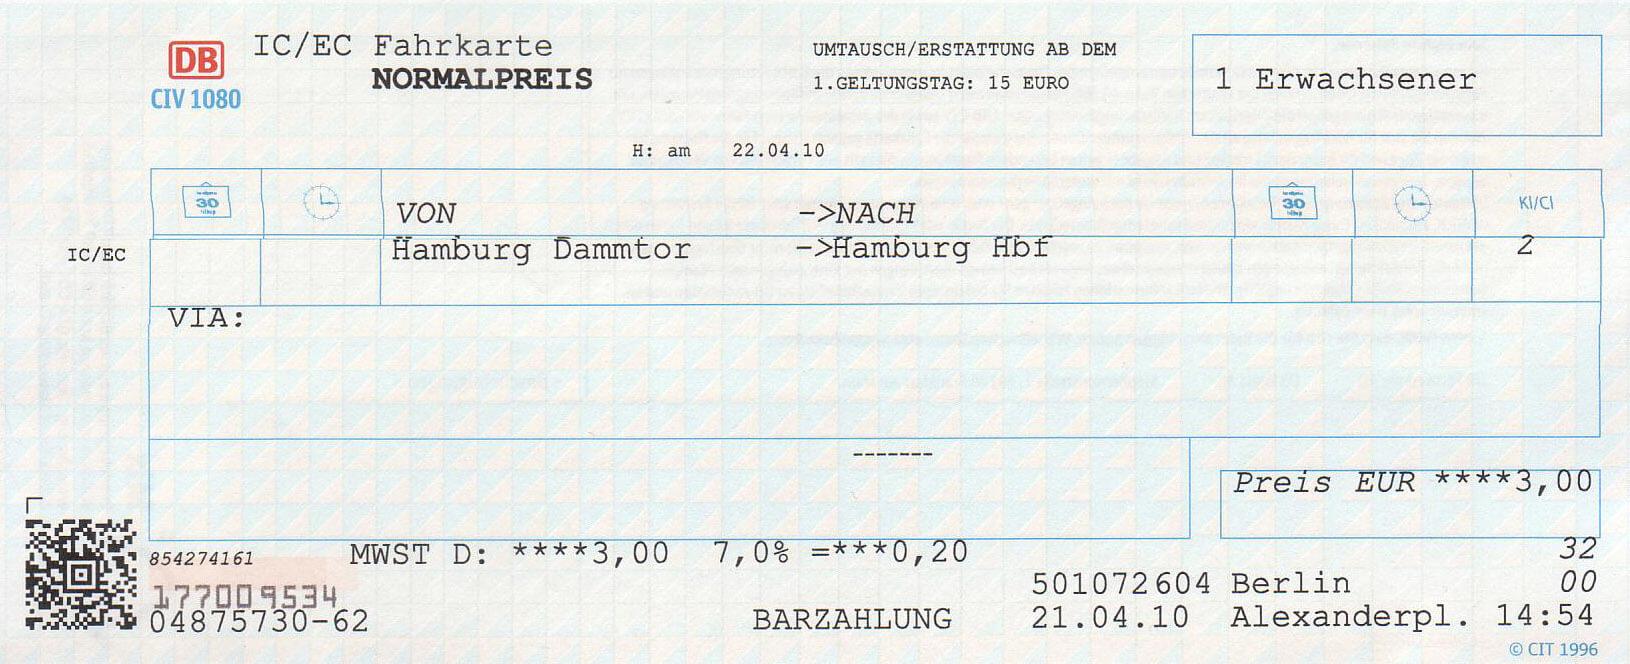 Bayernticket single buchen